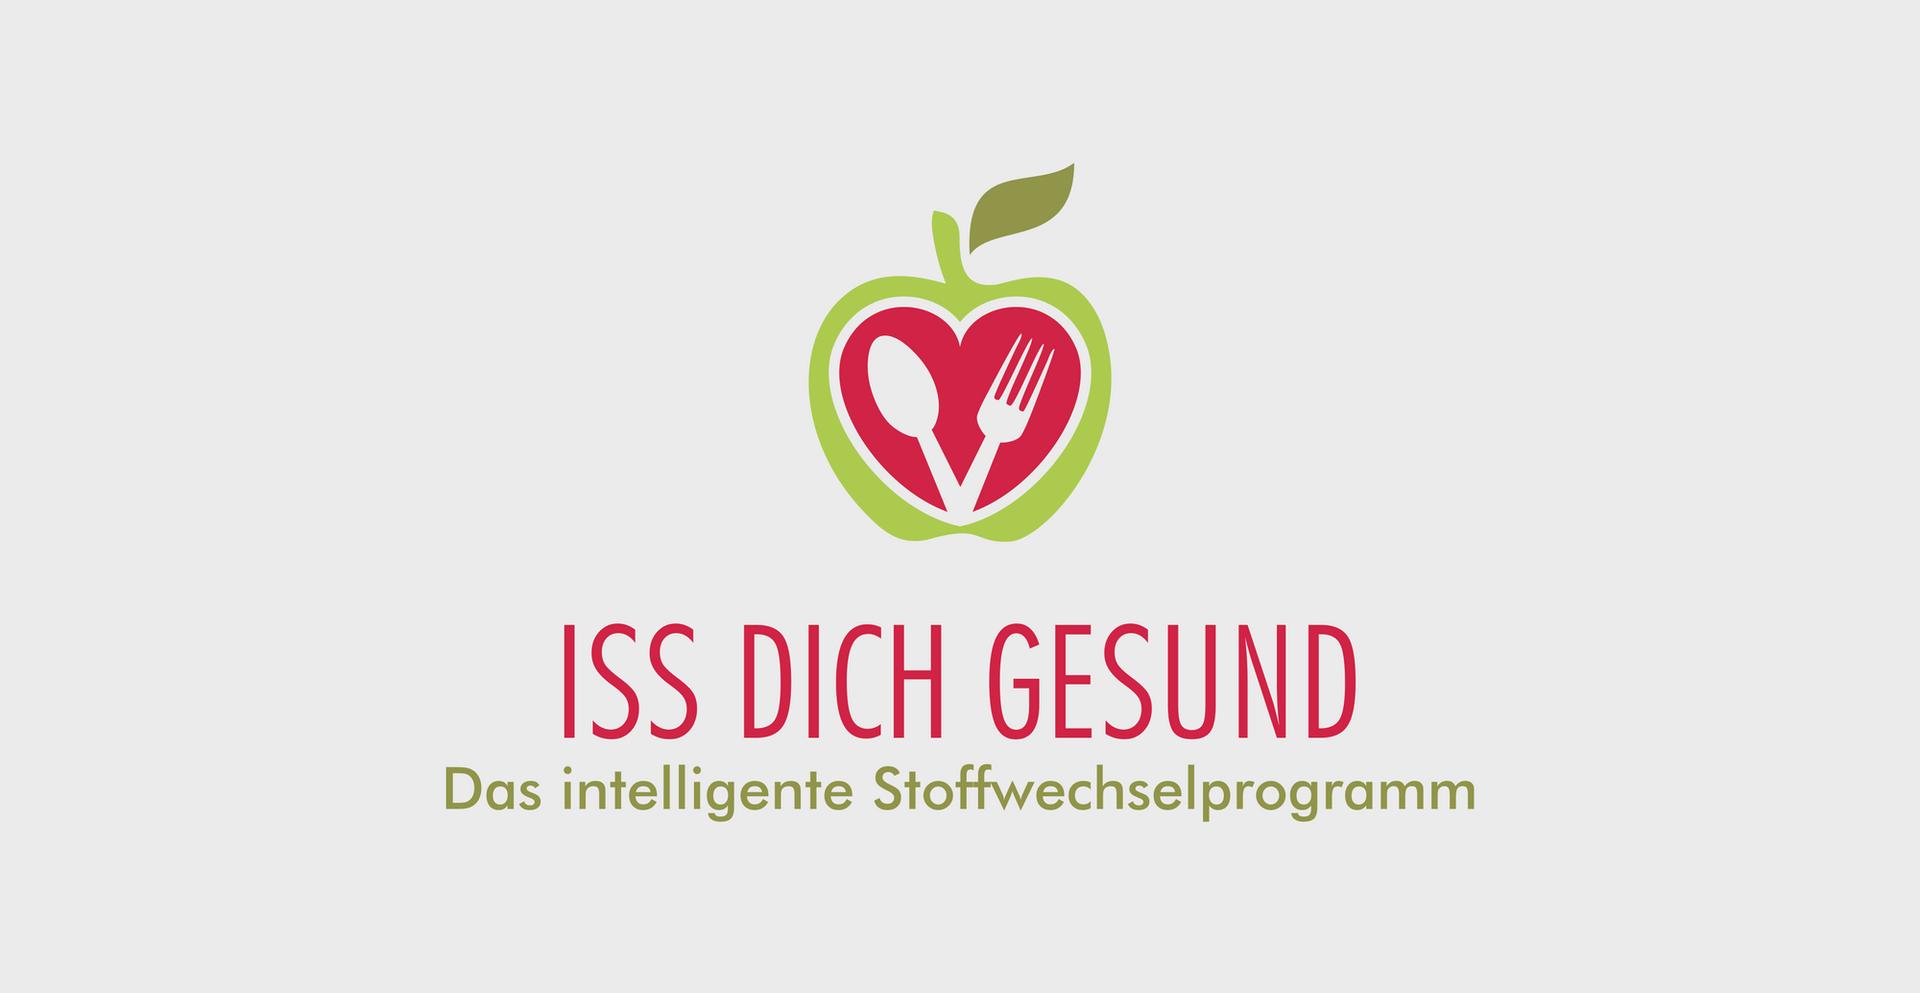 Stoffwechselprogramm Logo